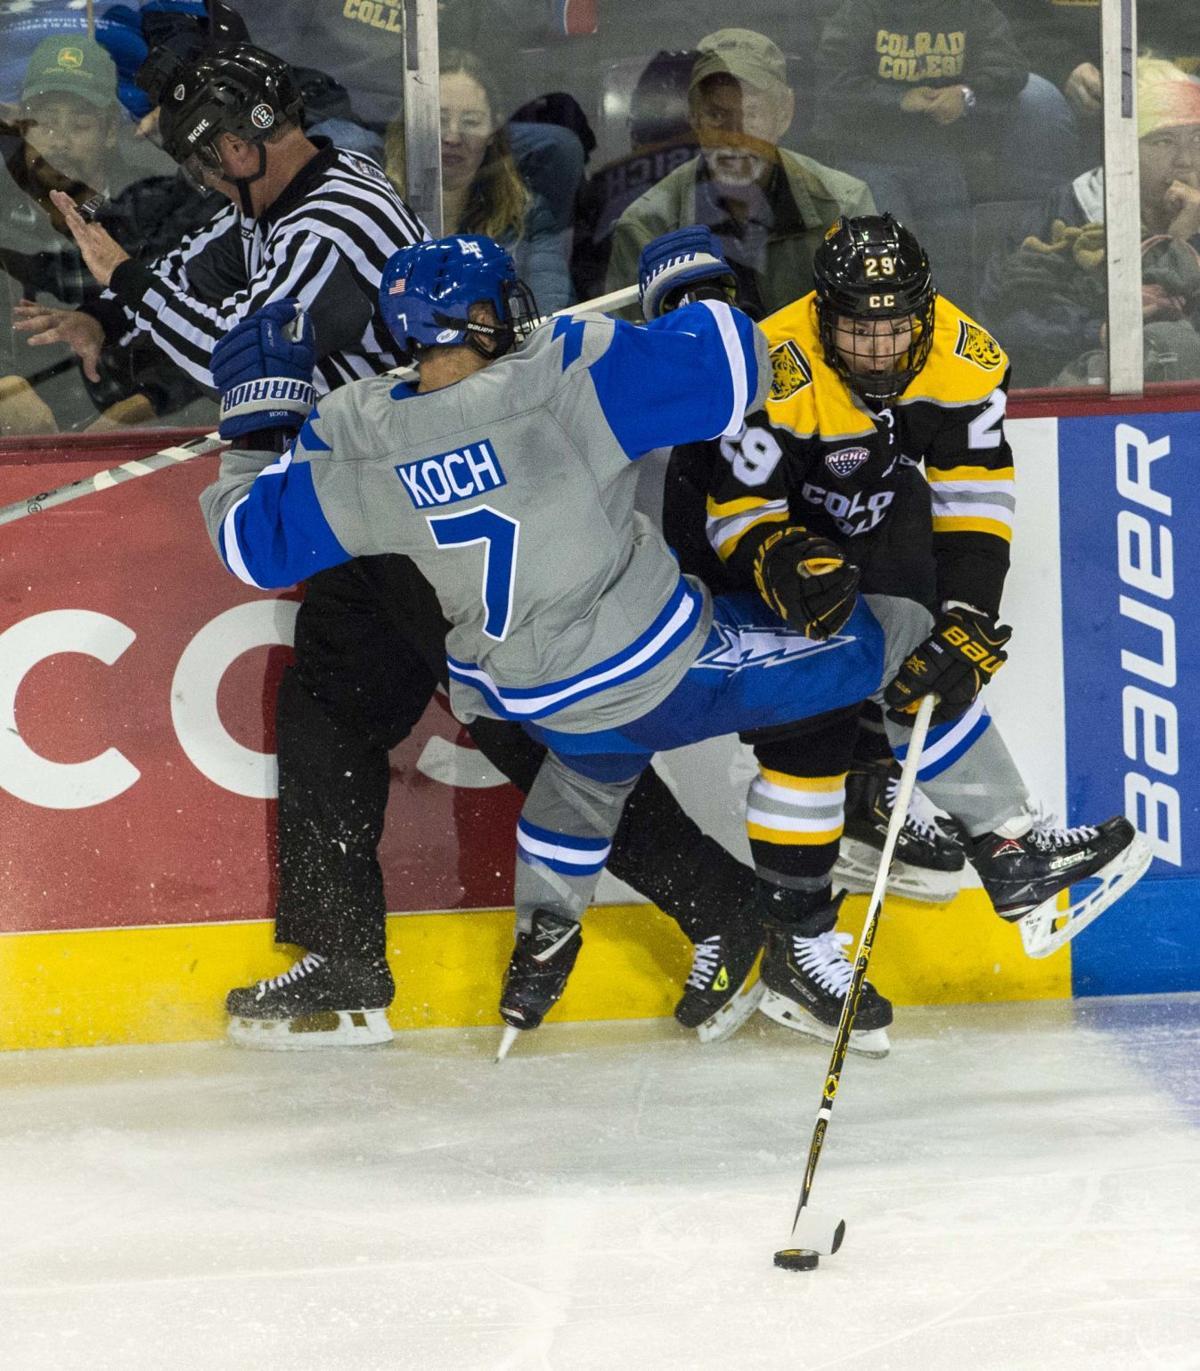 AFA hockey Matt Koch